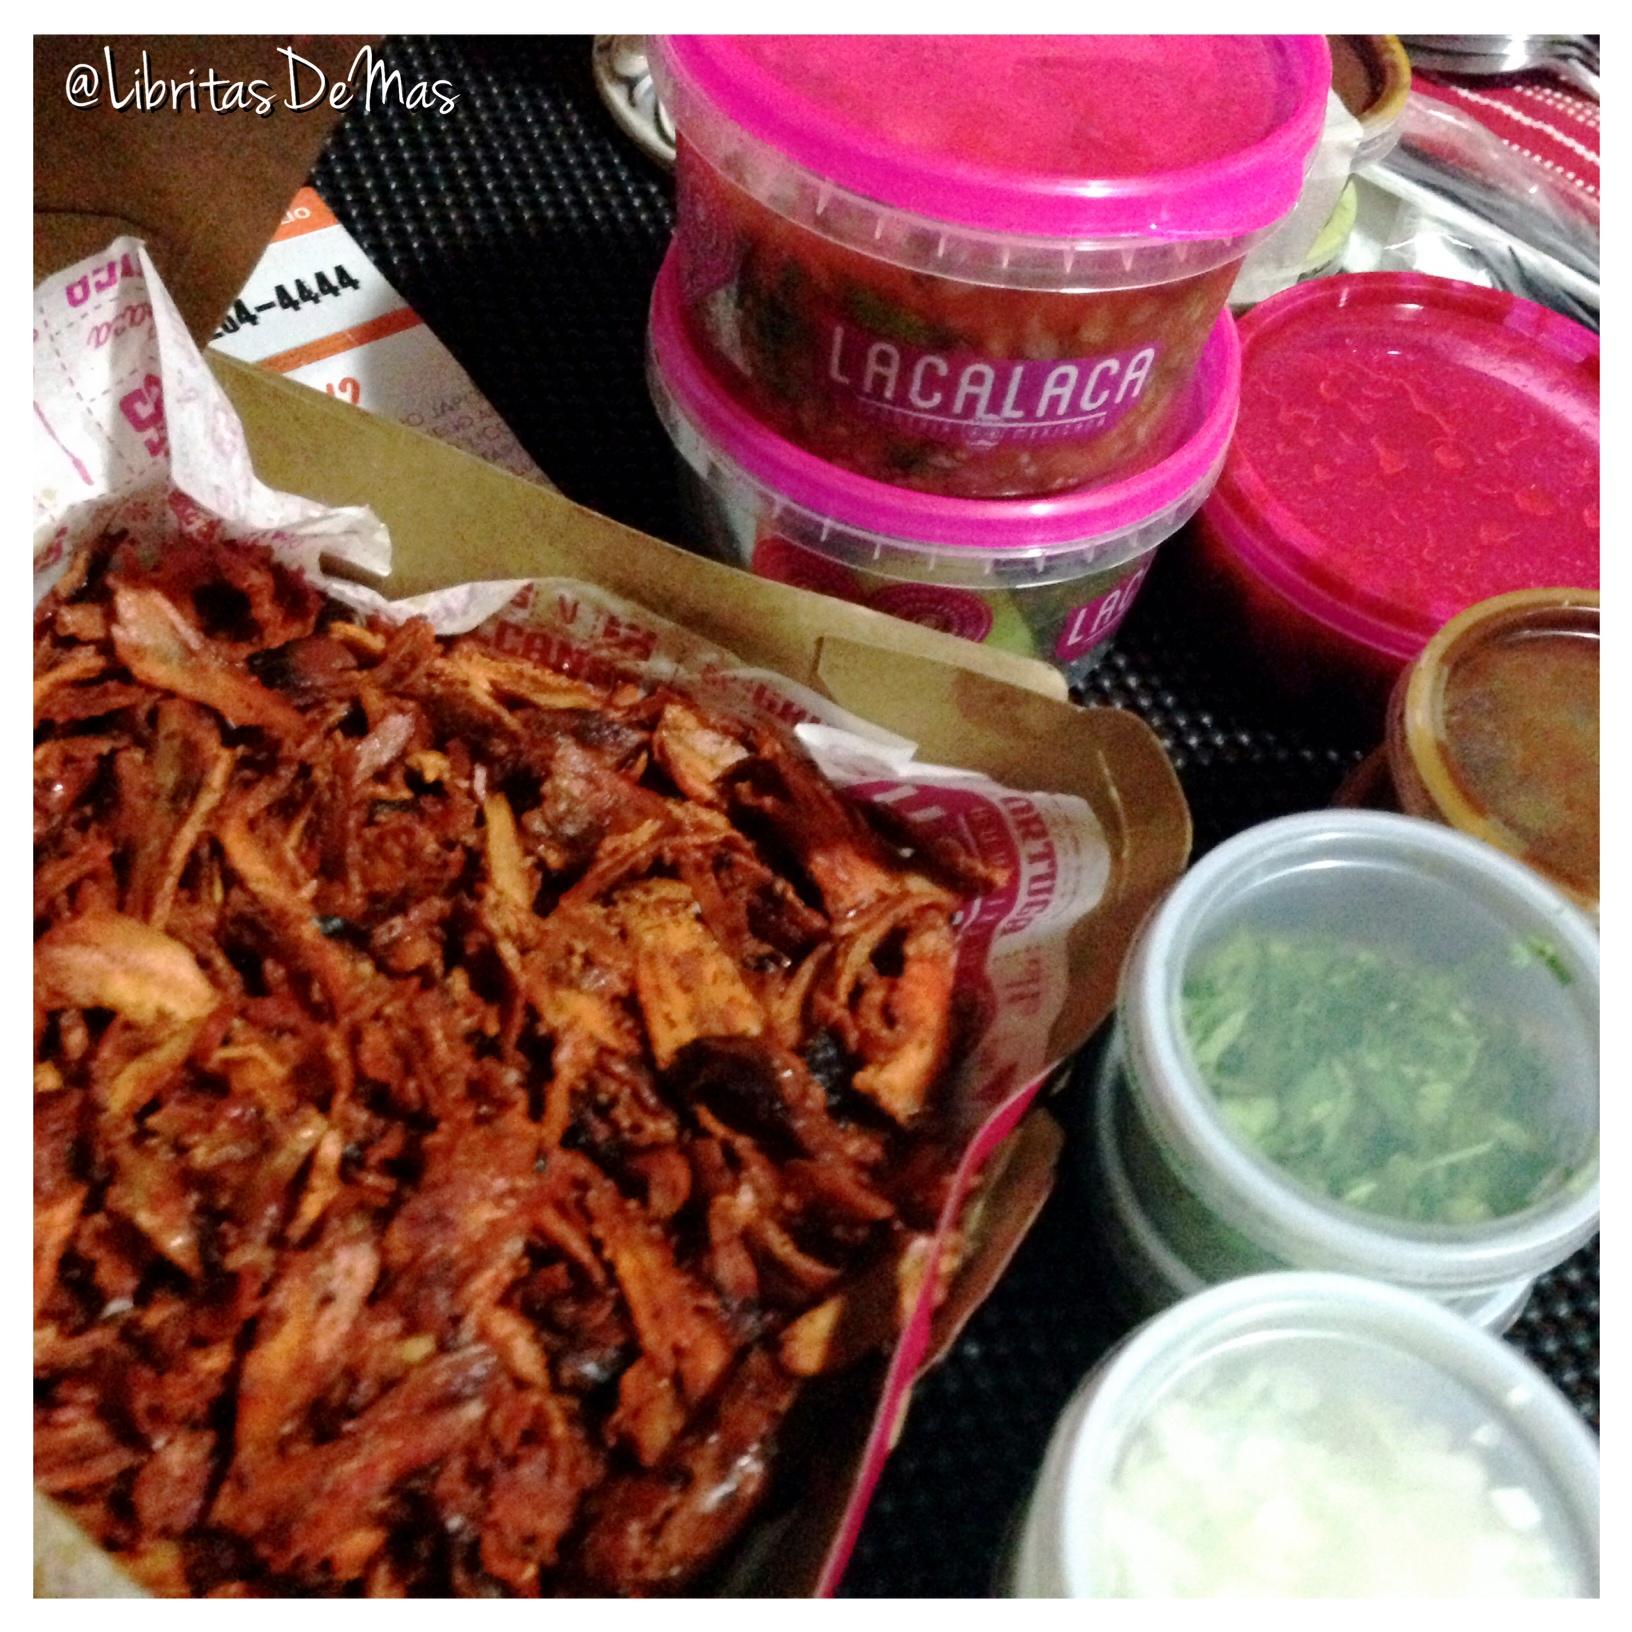 ¡Tacos, tacos, TACOS!…Lacalaca